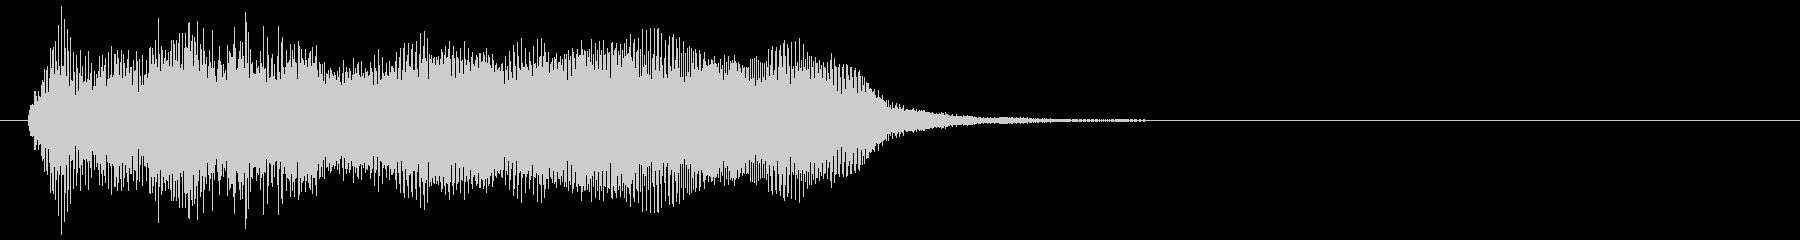 デデデデー(ベートーヴェン運命)1回のみの未再生の波形